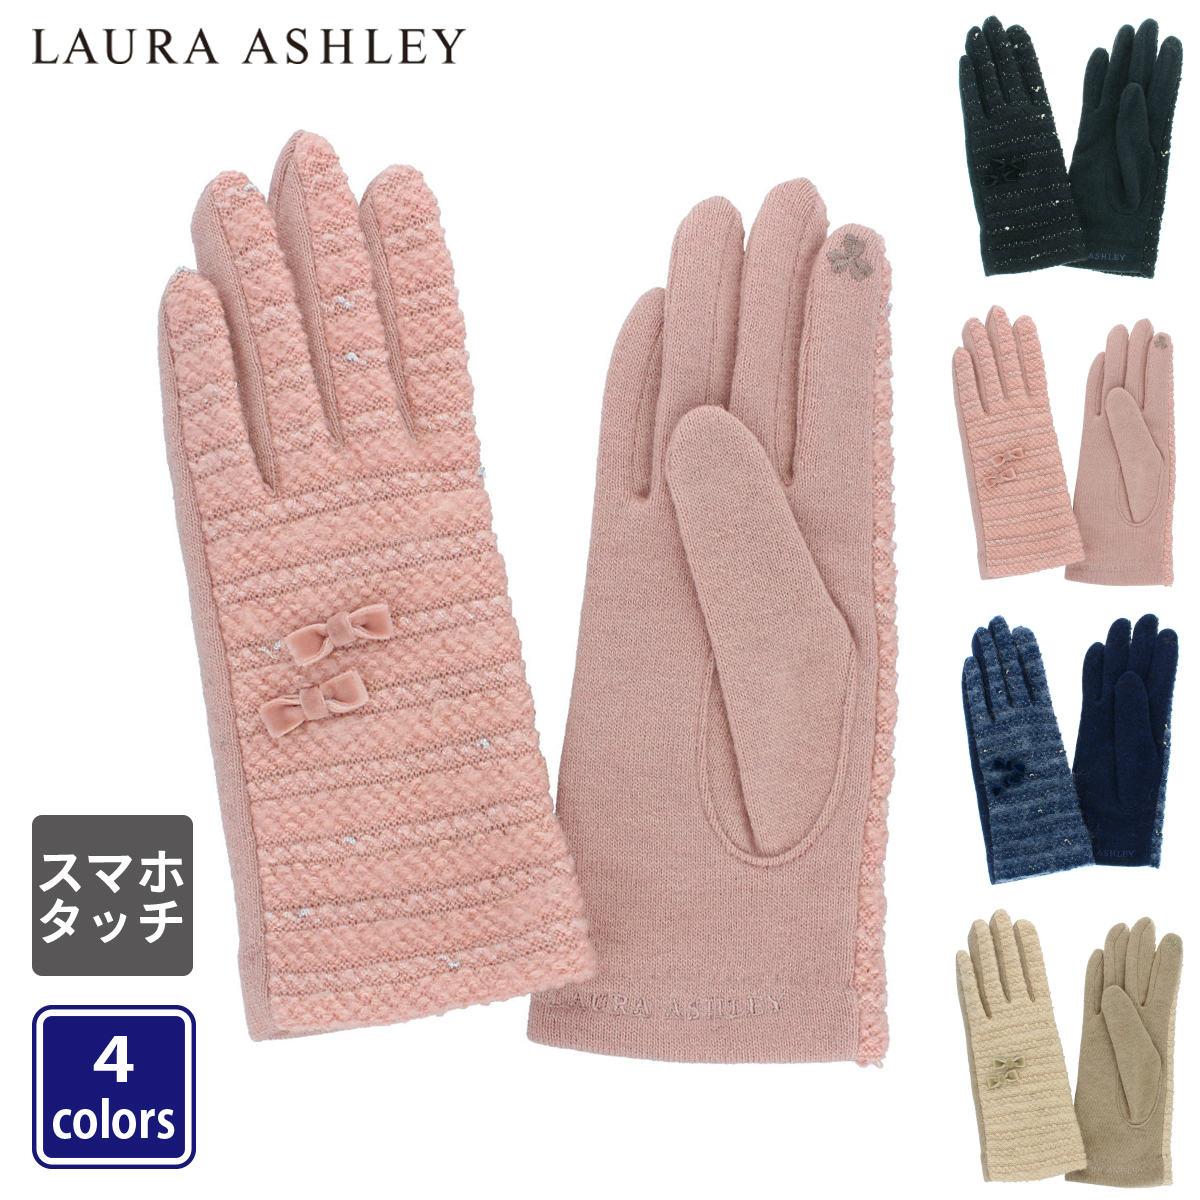 LAURA ASHLLEY ローラ アシュレイ レディ—ス 女性用手袋   てぶくろ ギフト プレゼント ガーリーデザイン スマホ タッチパネル対応 可愛い Mサイズ 全4色